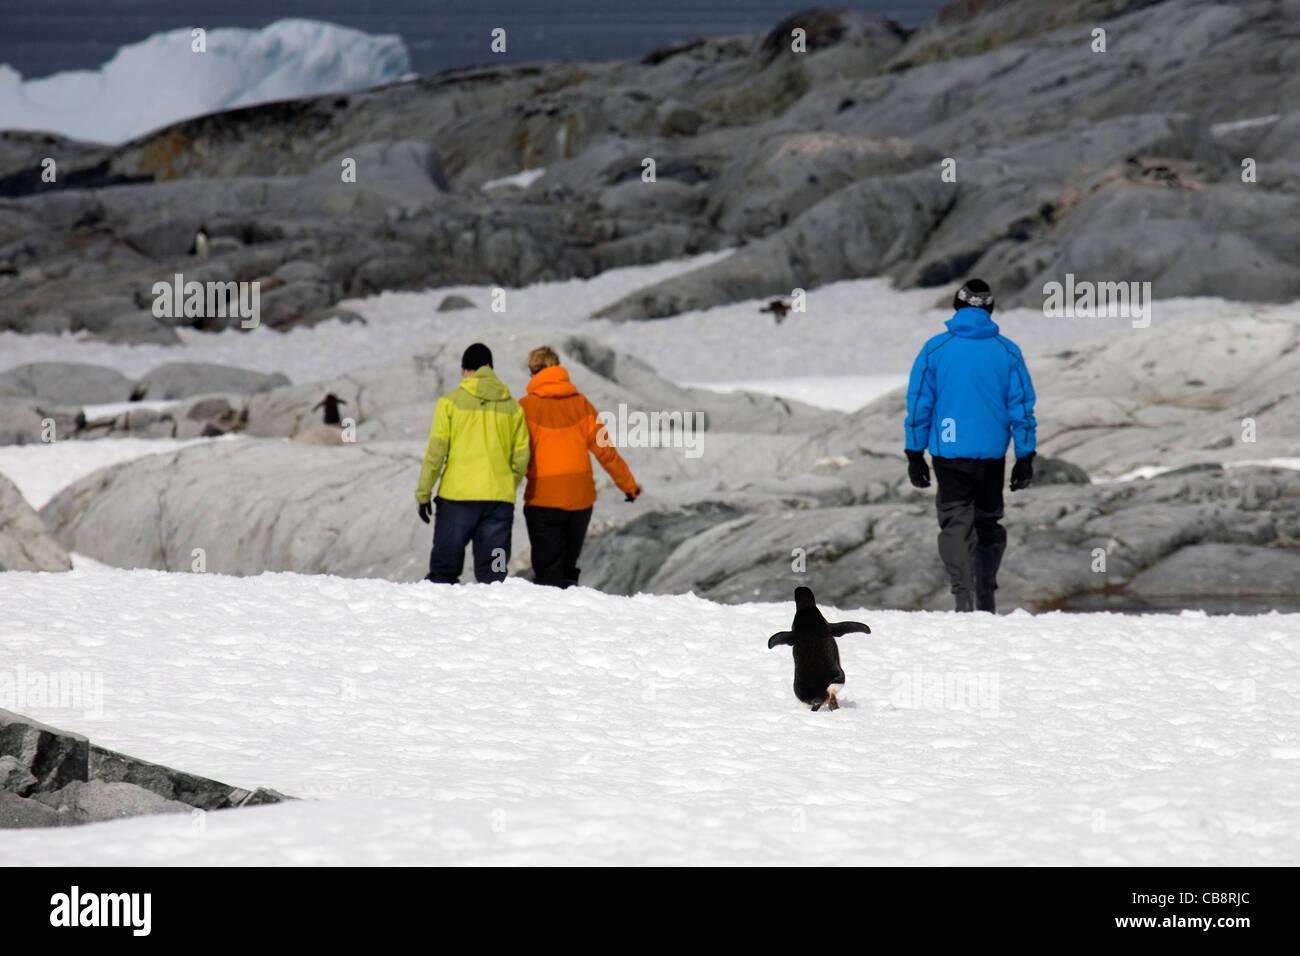 L'éco-tourisme avec les touristes marcher parmi les pingouins sur l'Île Petermann, Antarctique Photo Stock